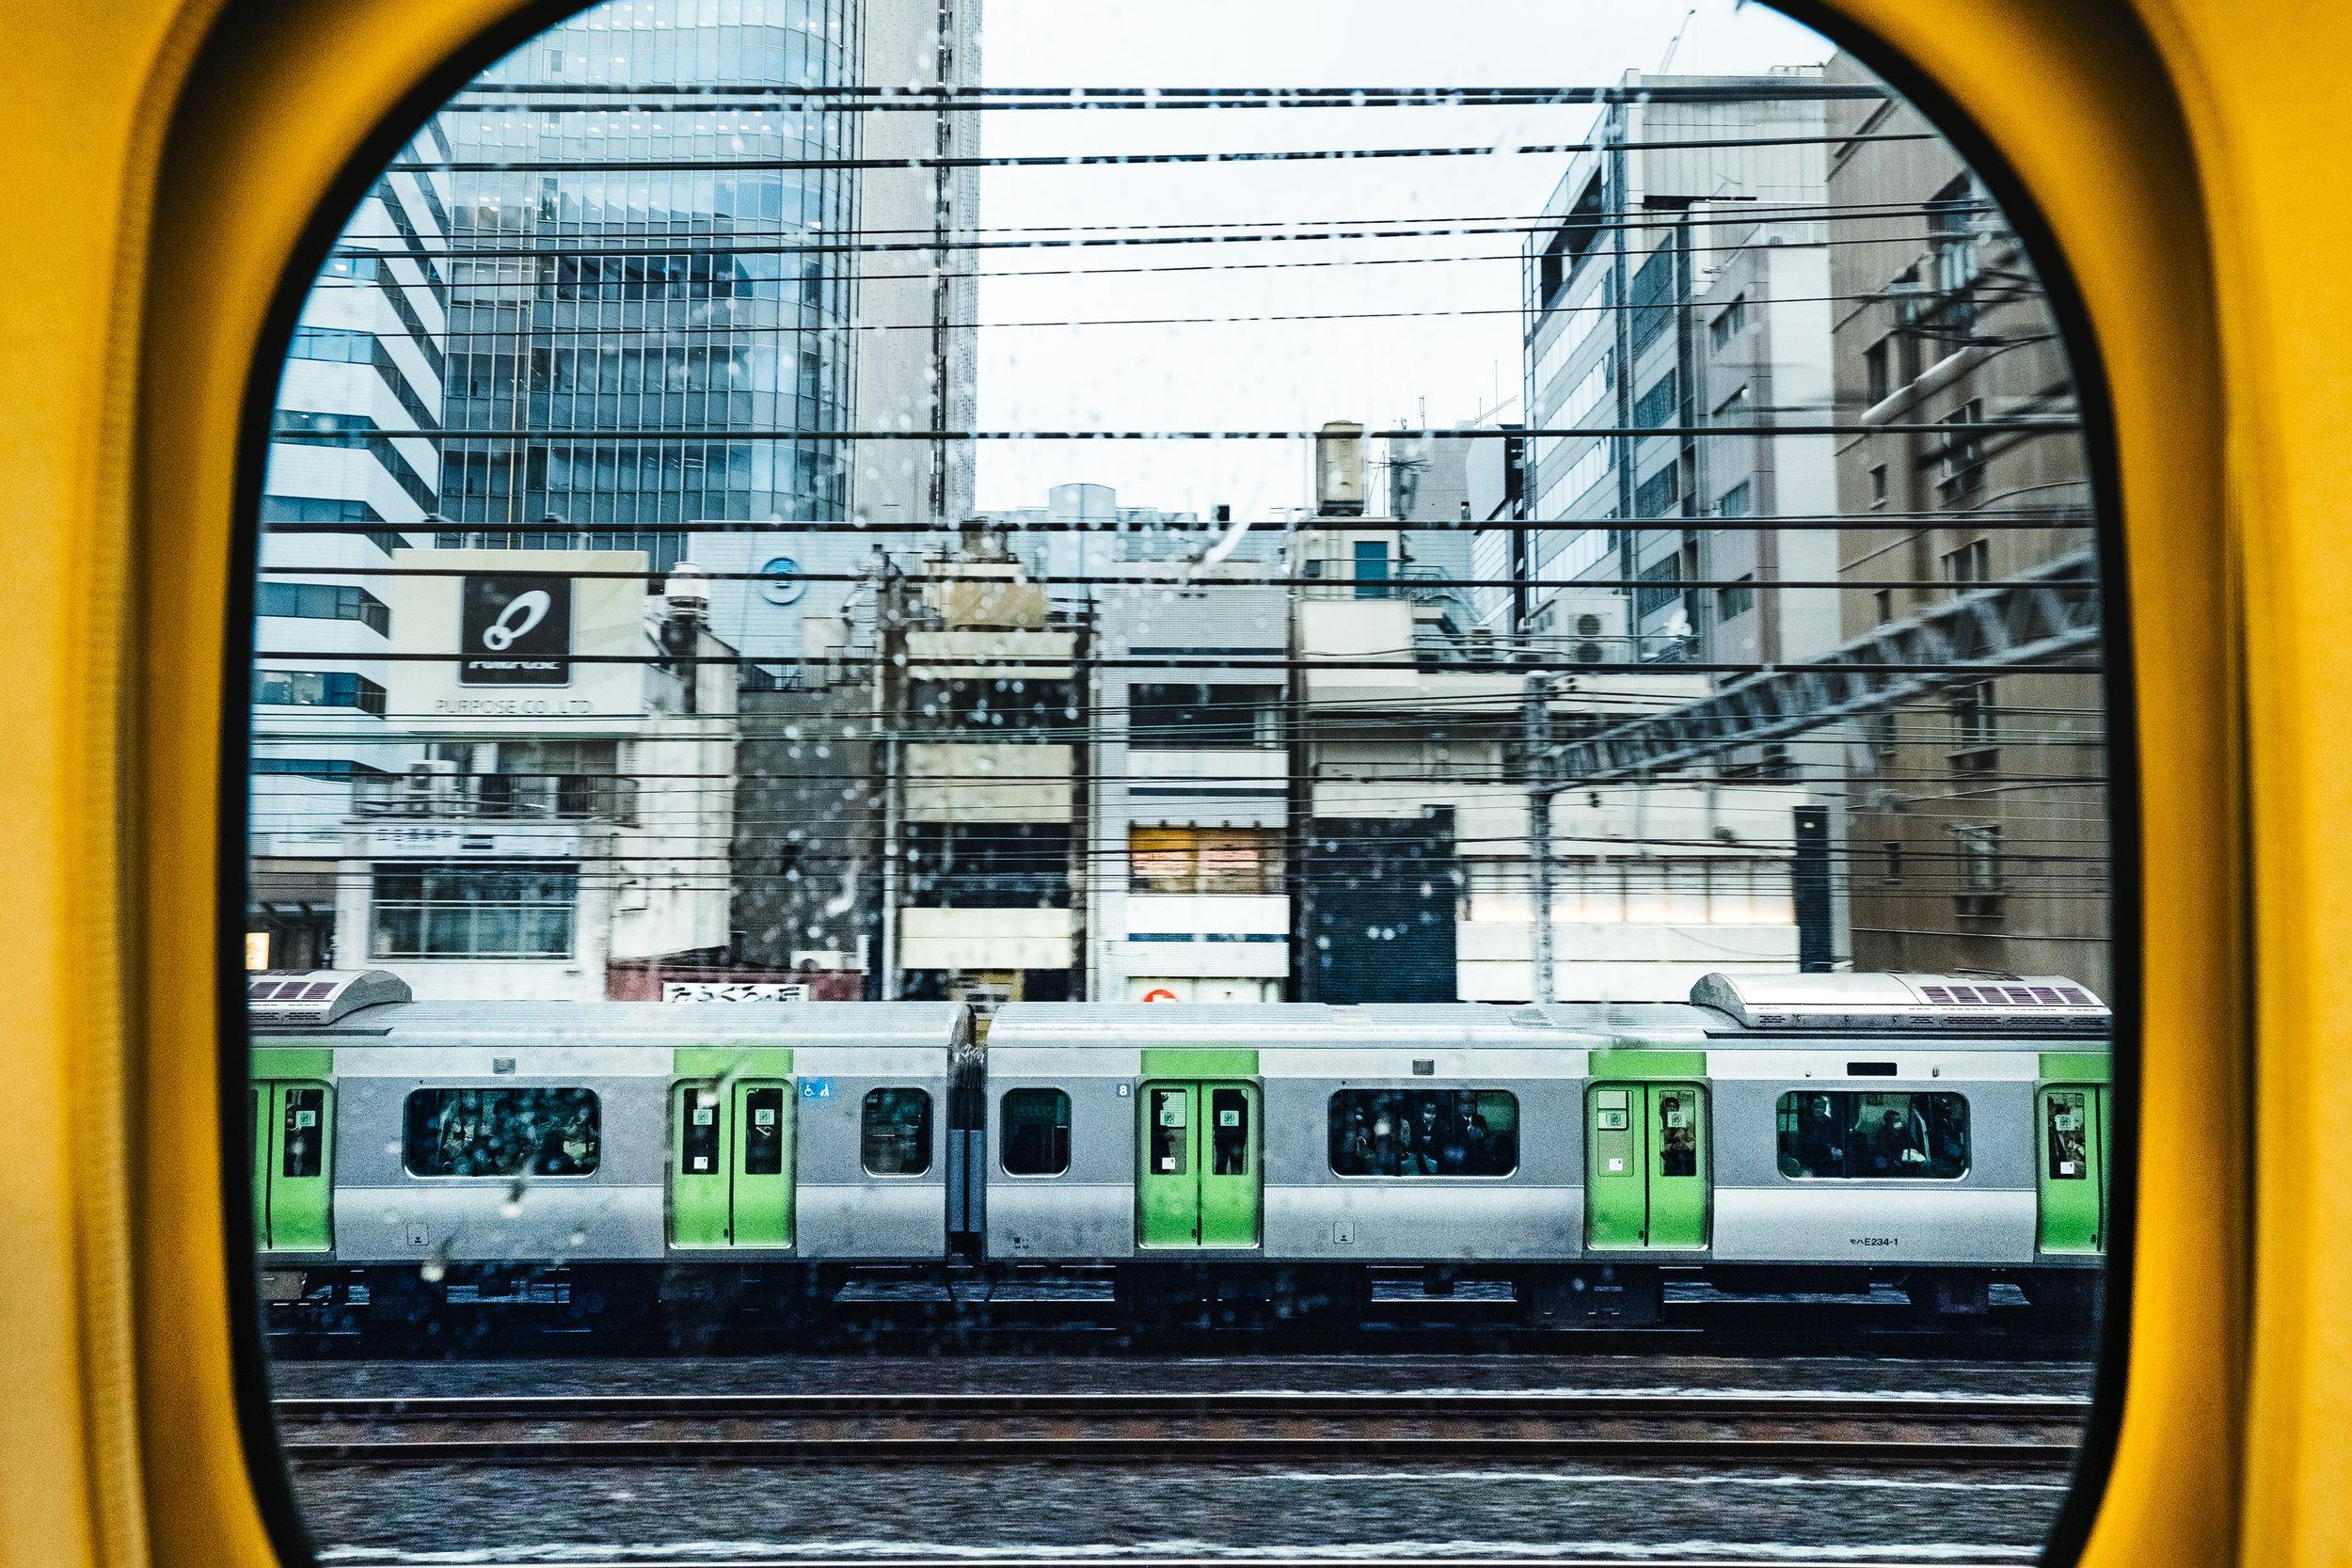 yamanote-line-tokyo.jpg